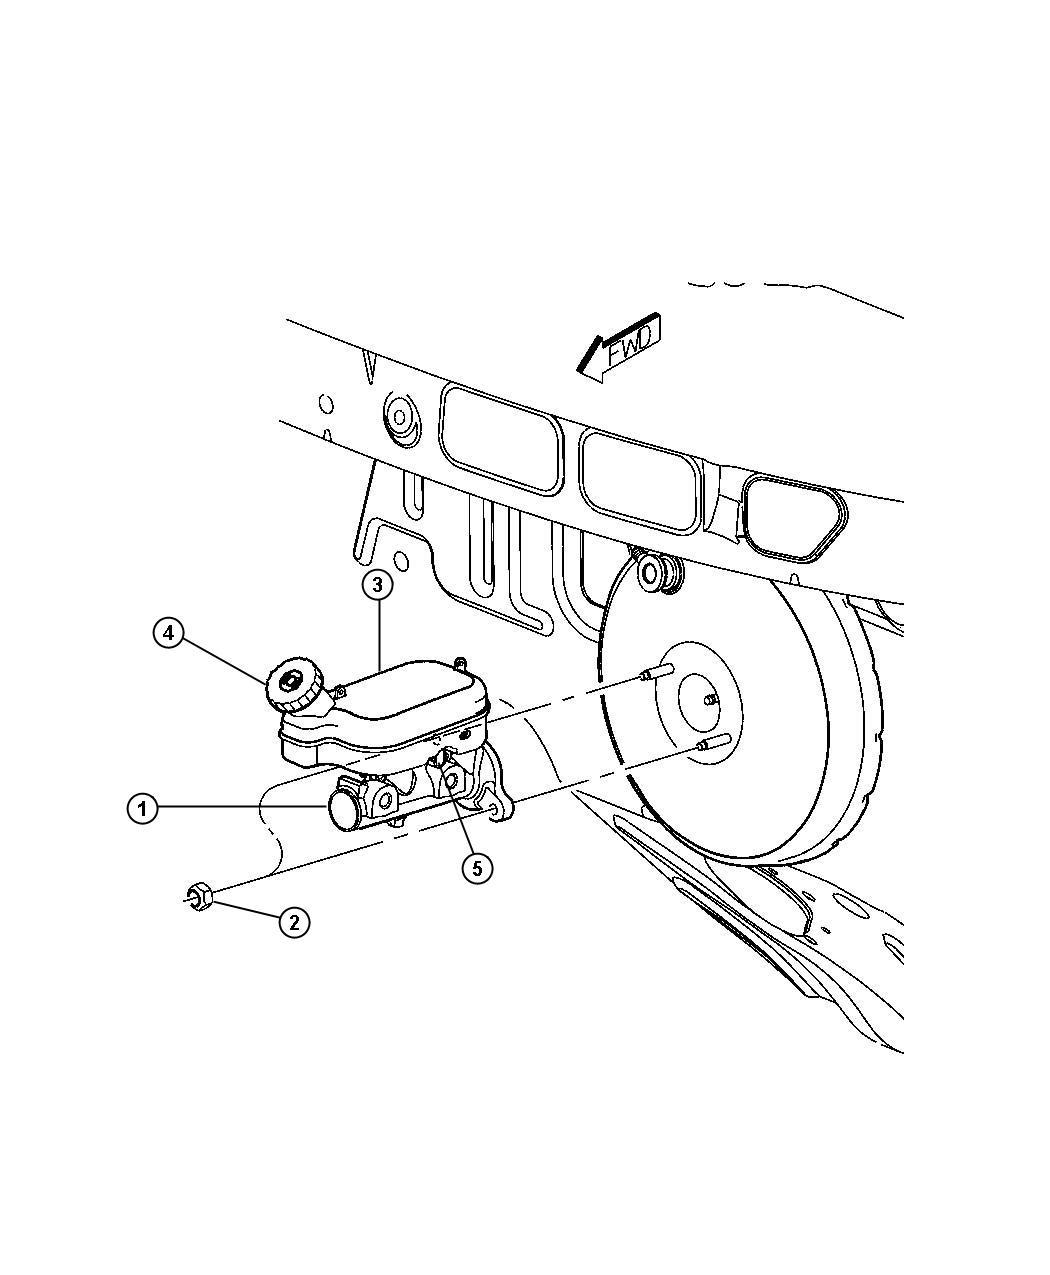 Chrysler Pacifica Sensor, switch. Brake fluid level. Wheel